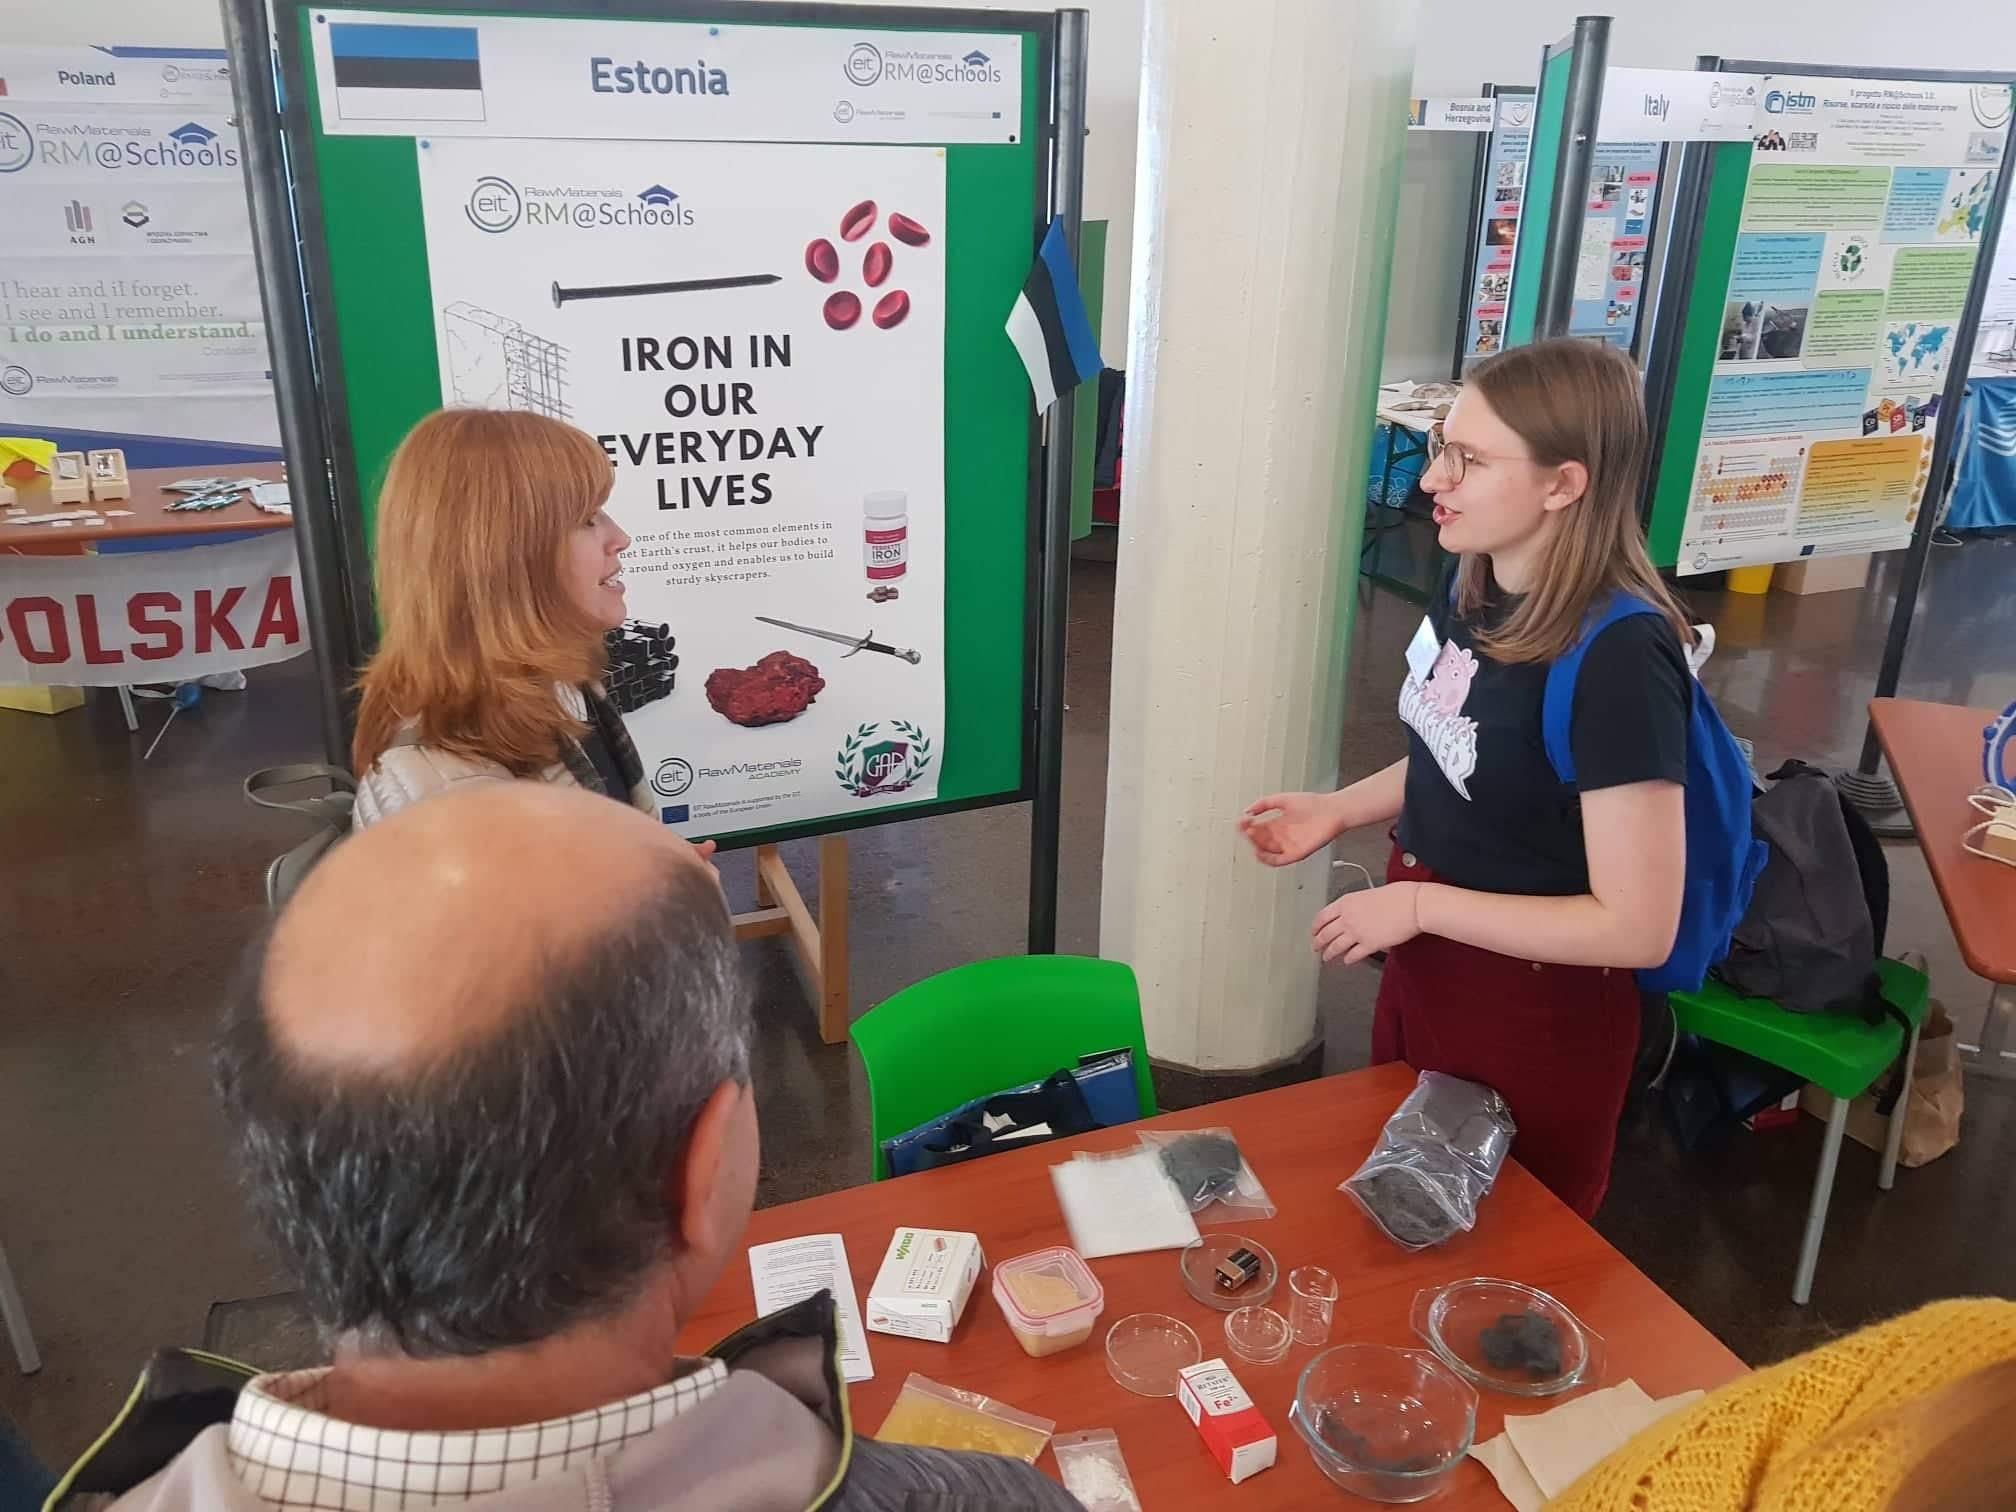 GAG õpilane eraldas Itaalia teaduskonverentsil hommikusöögihelvestest rauda